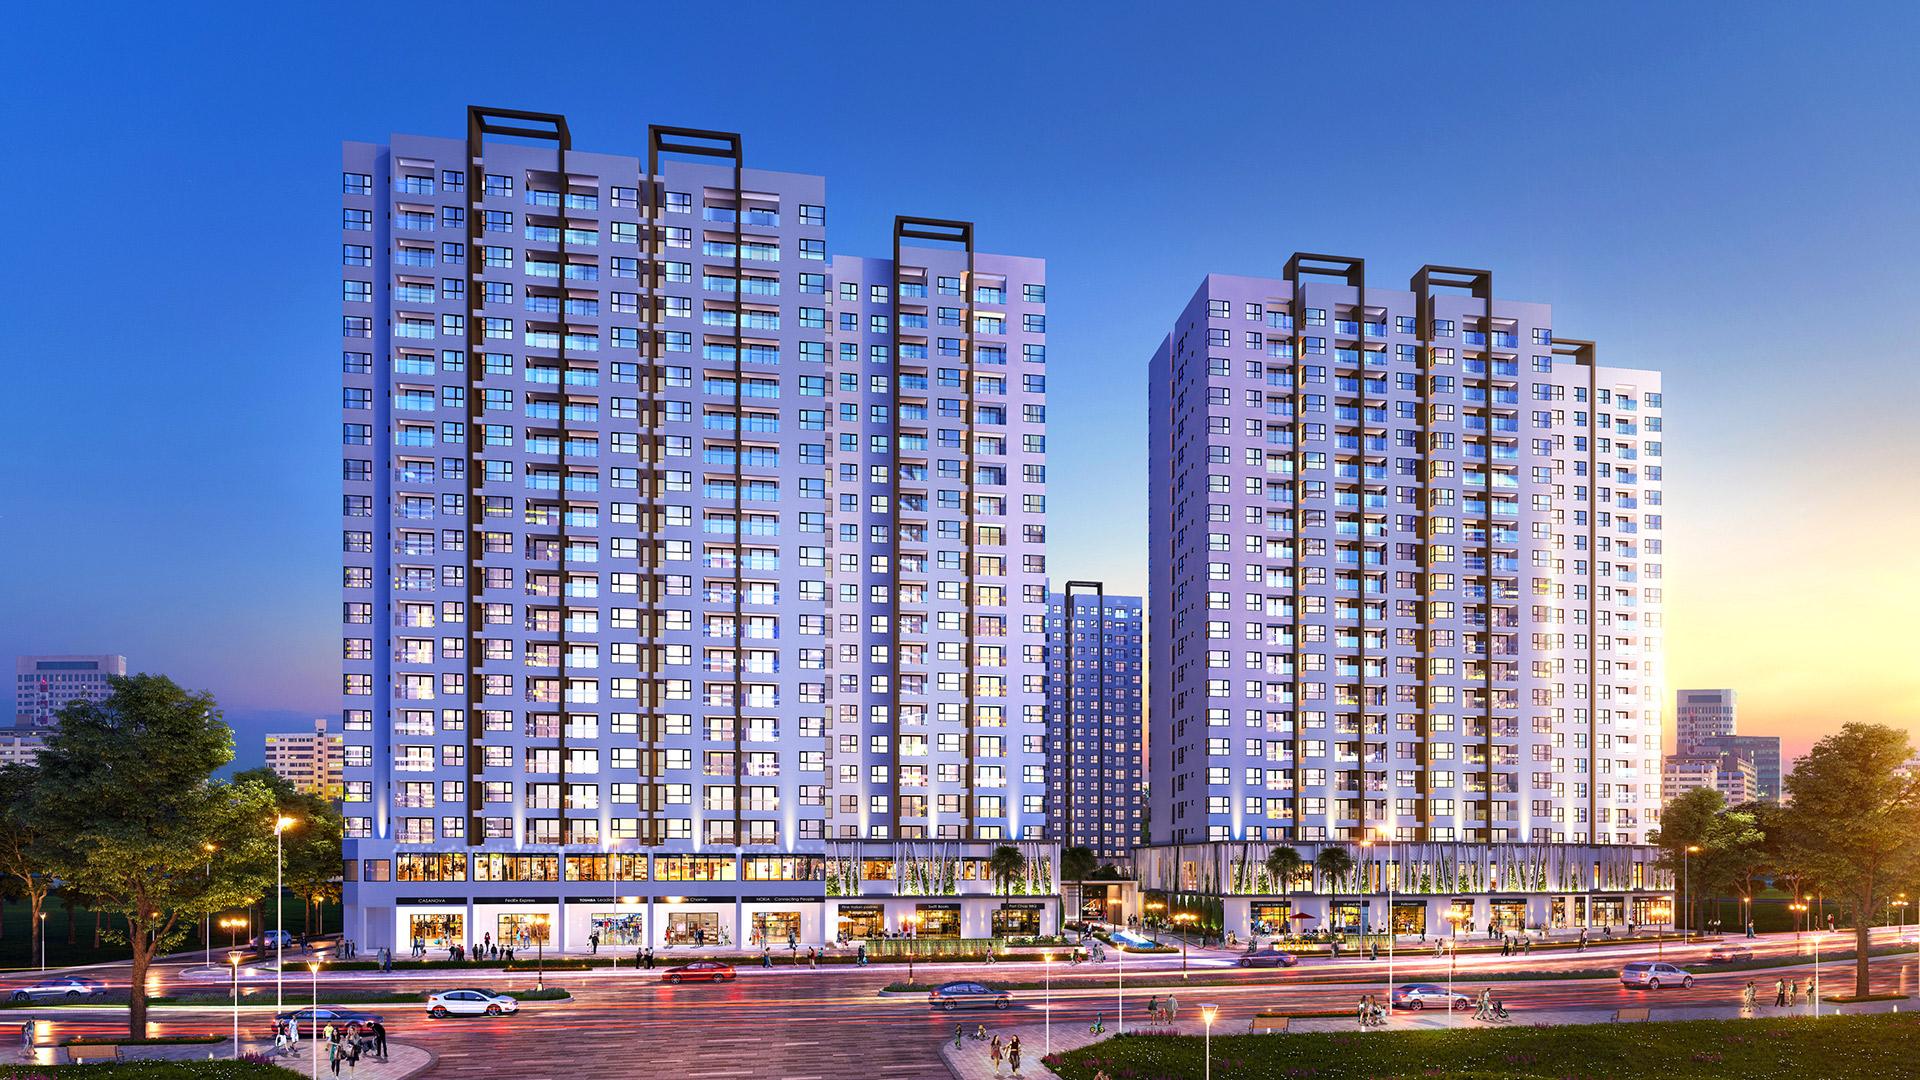 dự án c skyview, Dự án C Skyview có gì mà khách hàng cần quan tâm?, Đơn vị phân phối và phát triển Bất động sản | An Tường Real, Đơn vị phân phối và phát triển Bất động sản | An Tường Real